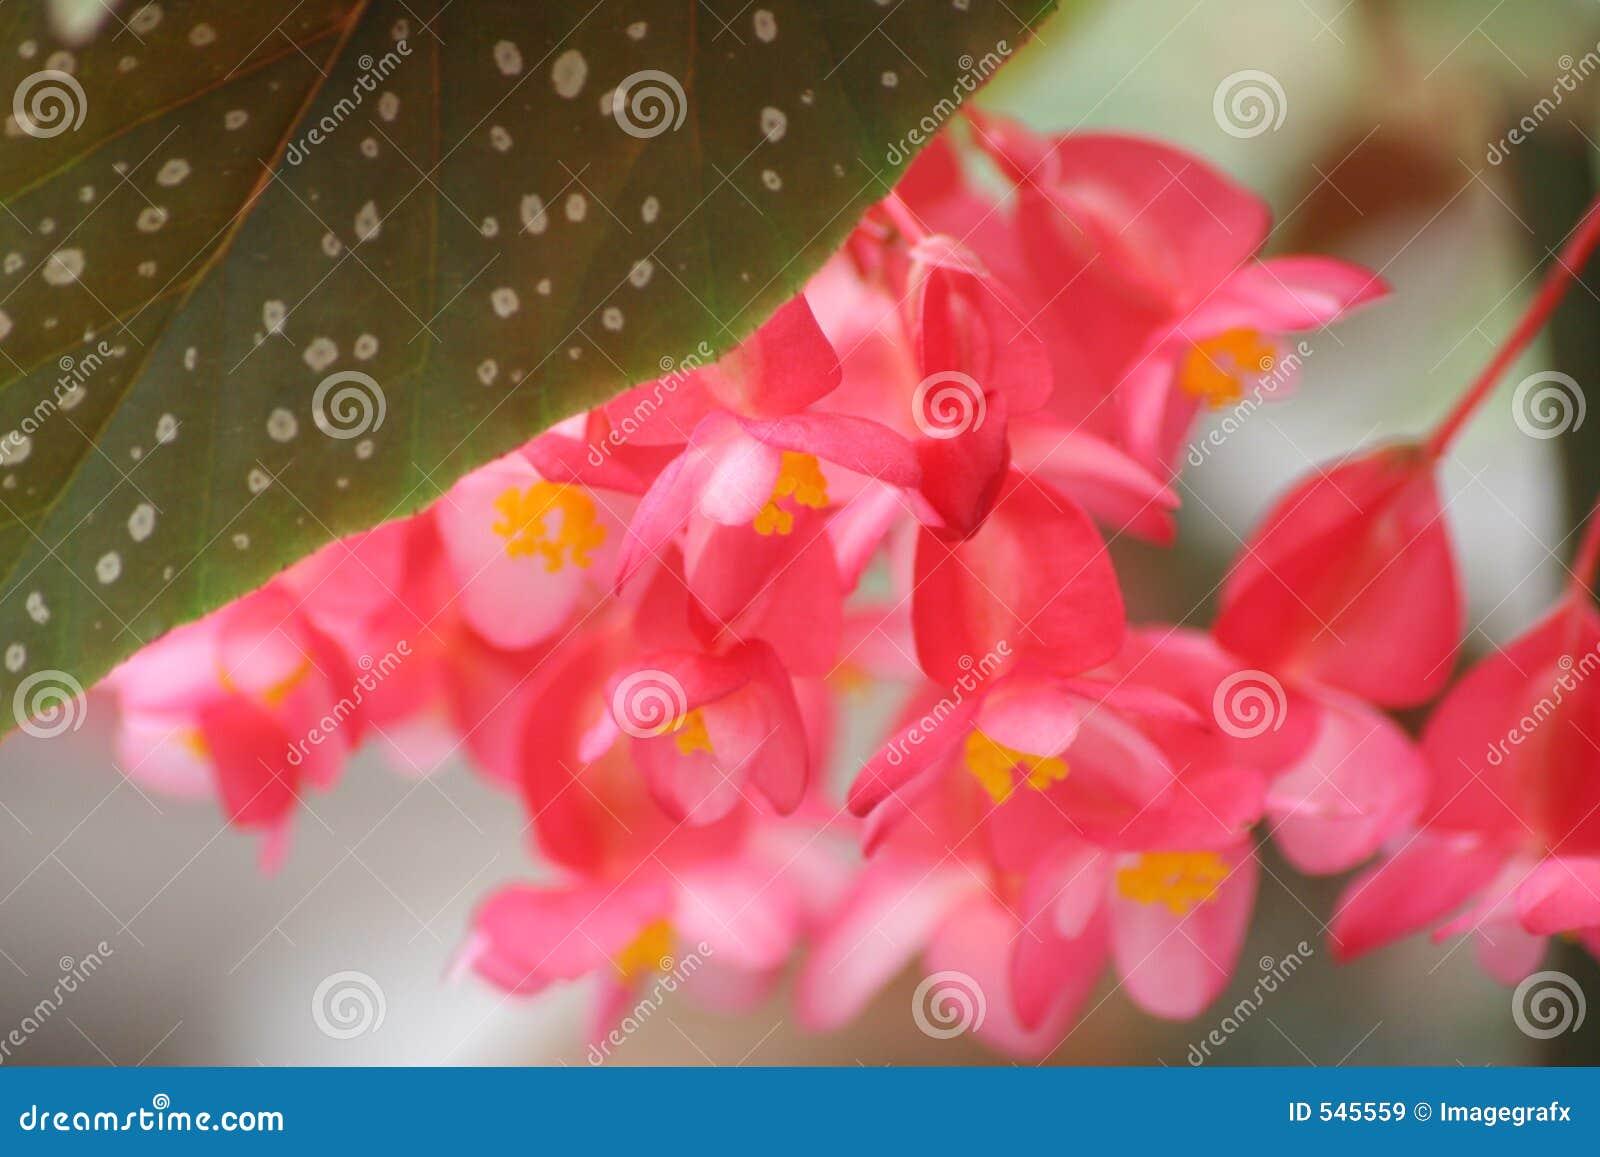 Download 天使秋海棠翼 库存图片. 图片 包括有 停止, 的态度, 气味, beauvoir, 装饰, 空白, 天使, 产生 - 545559